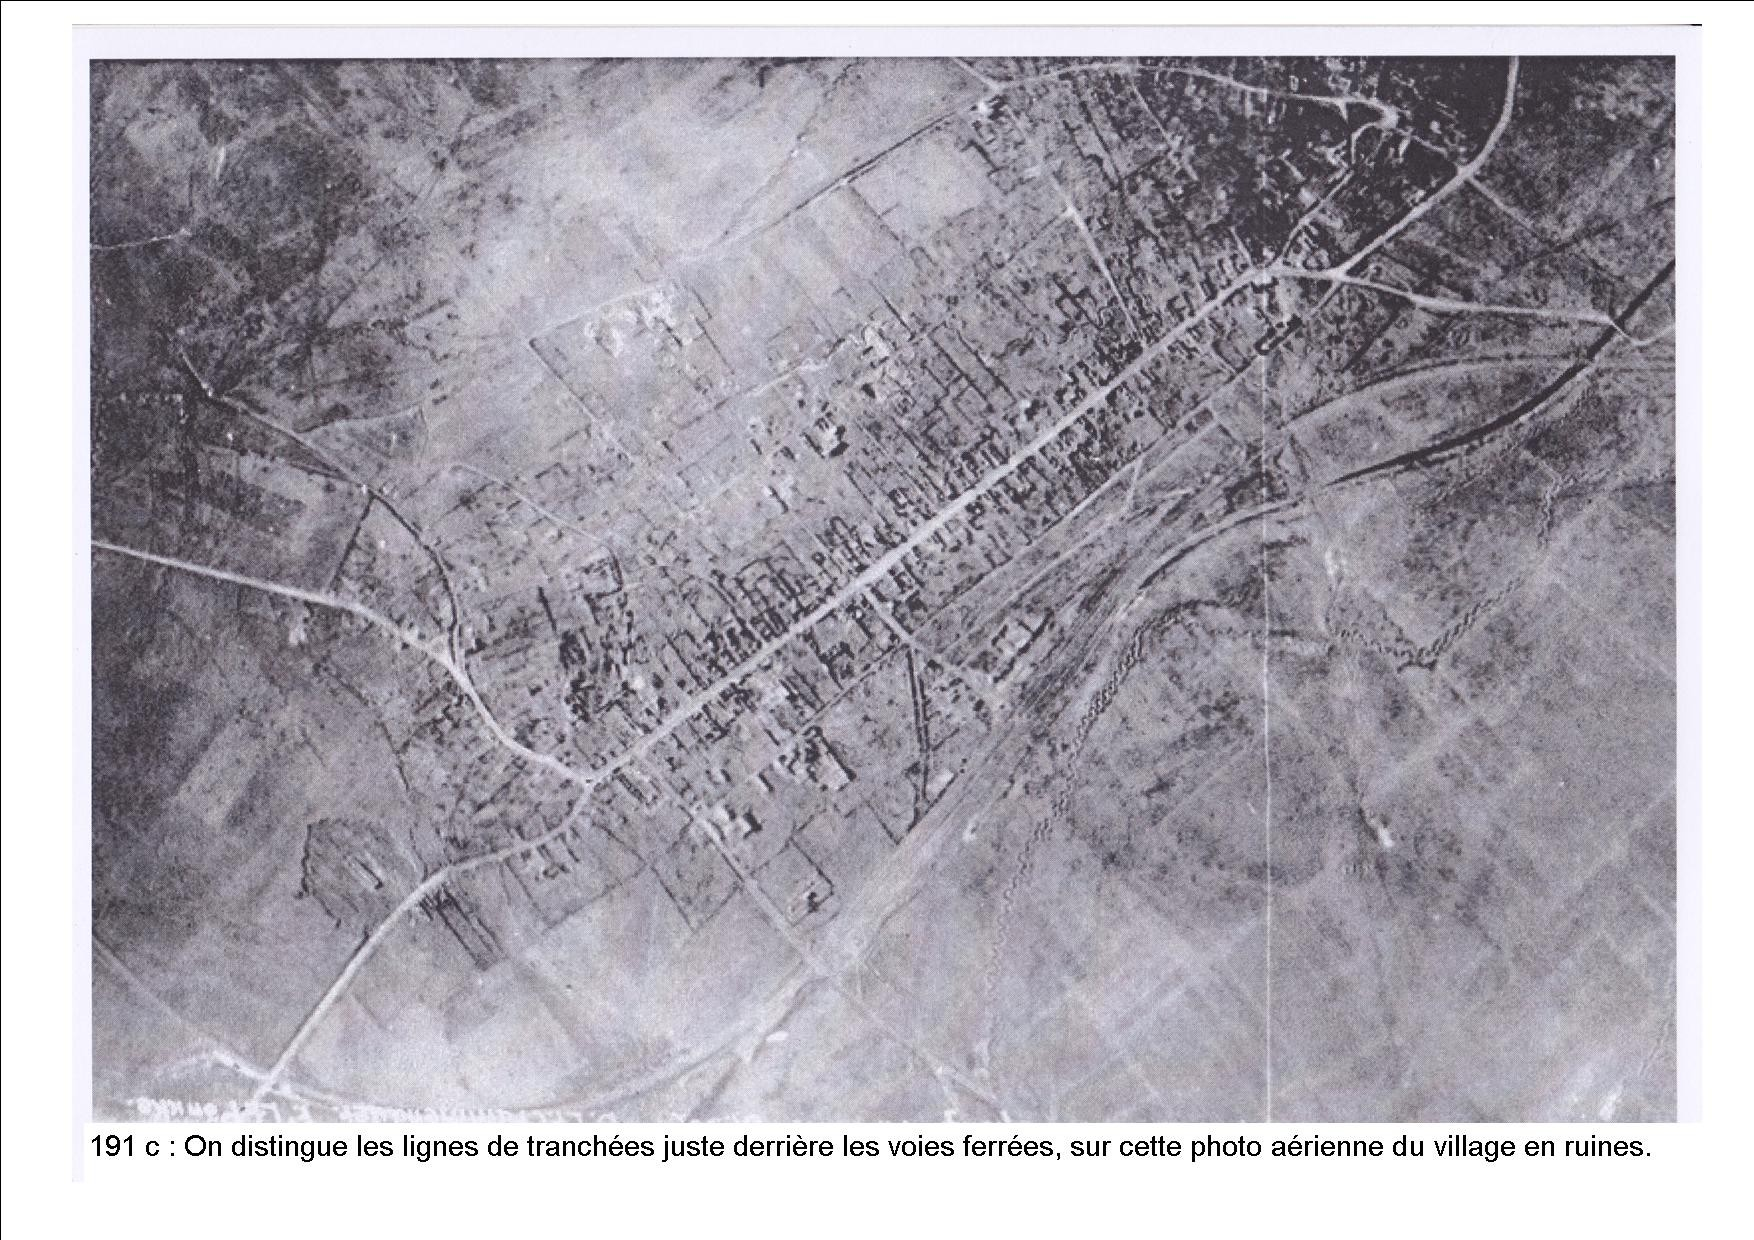 photo aérienne du village détruit. On voit les lignes de tranchées derrière la voie ferrée